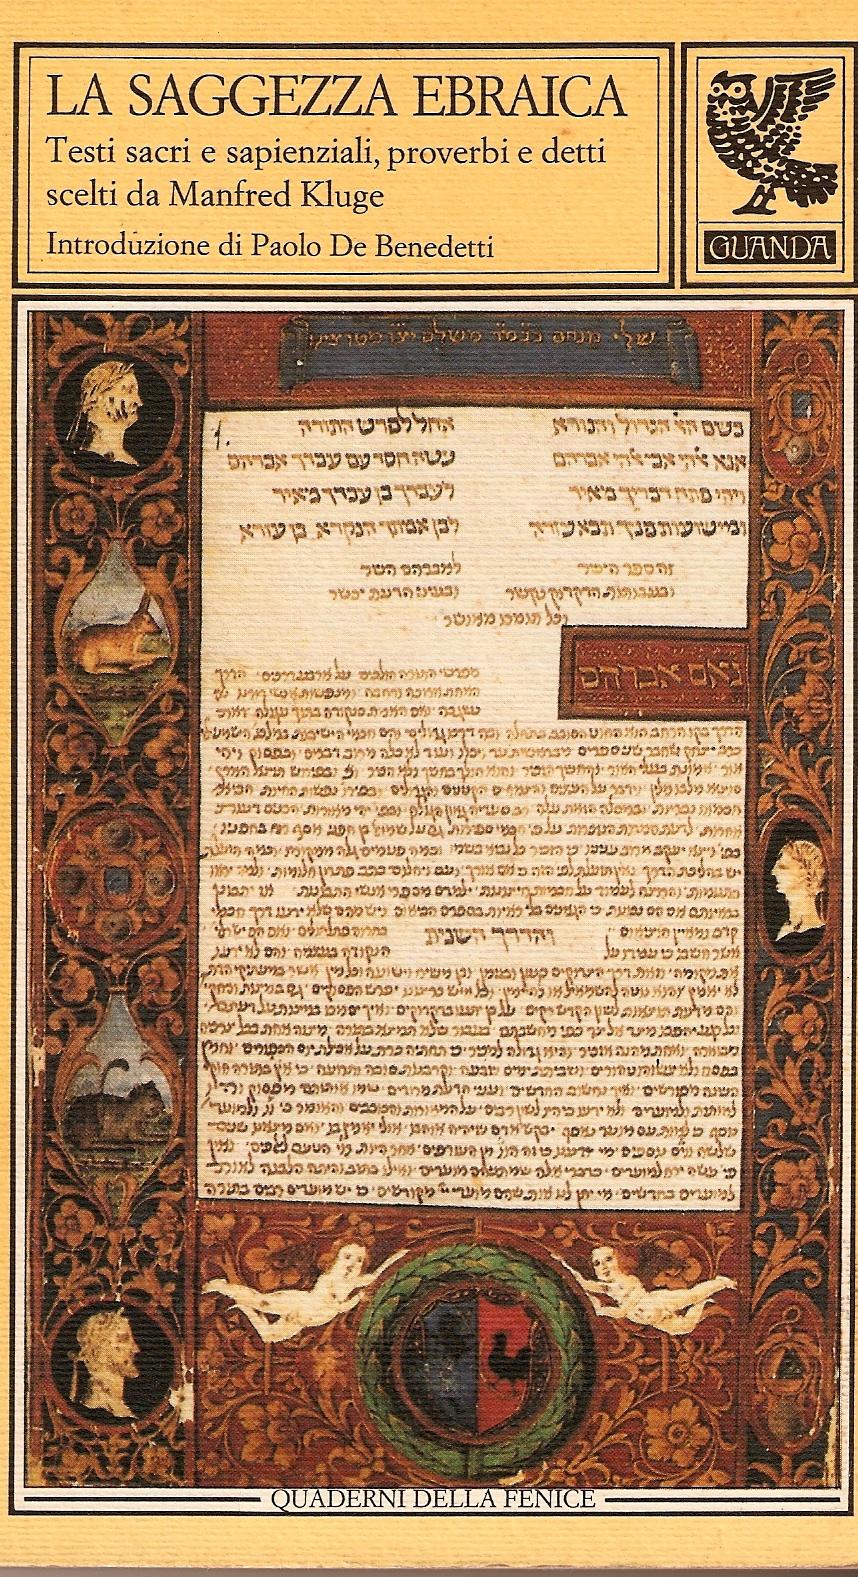 La saggezza ebraica